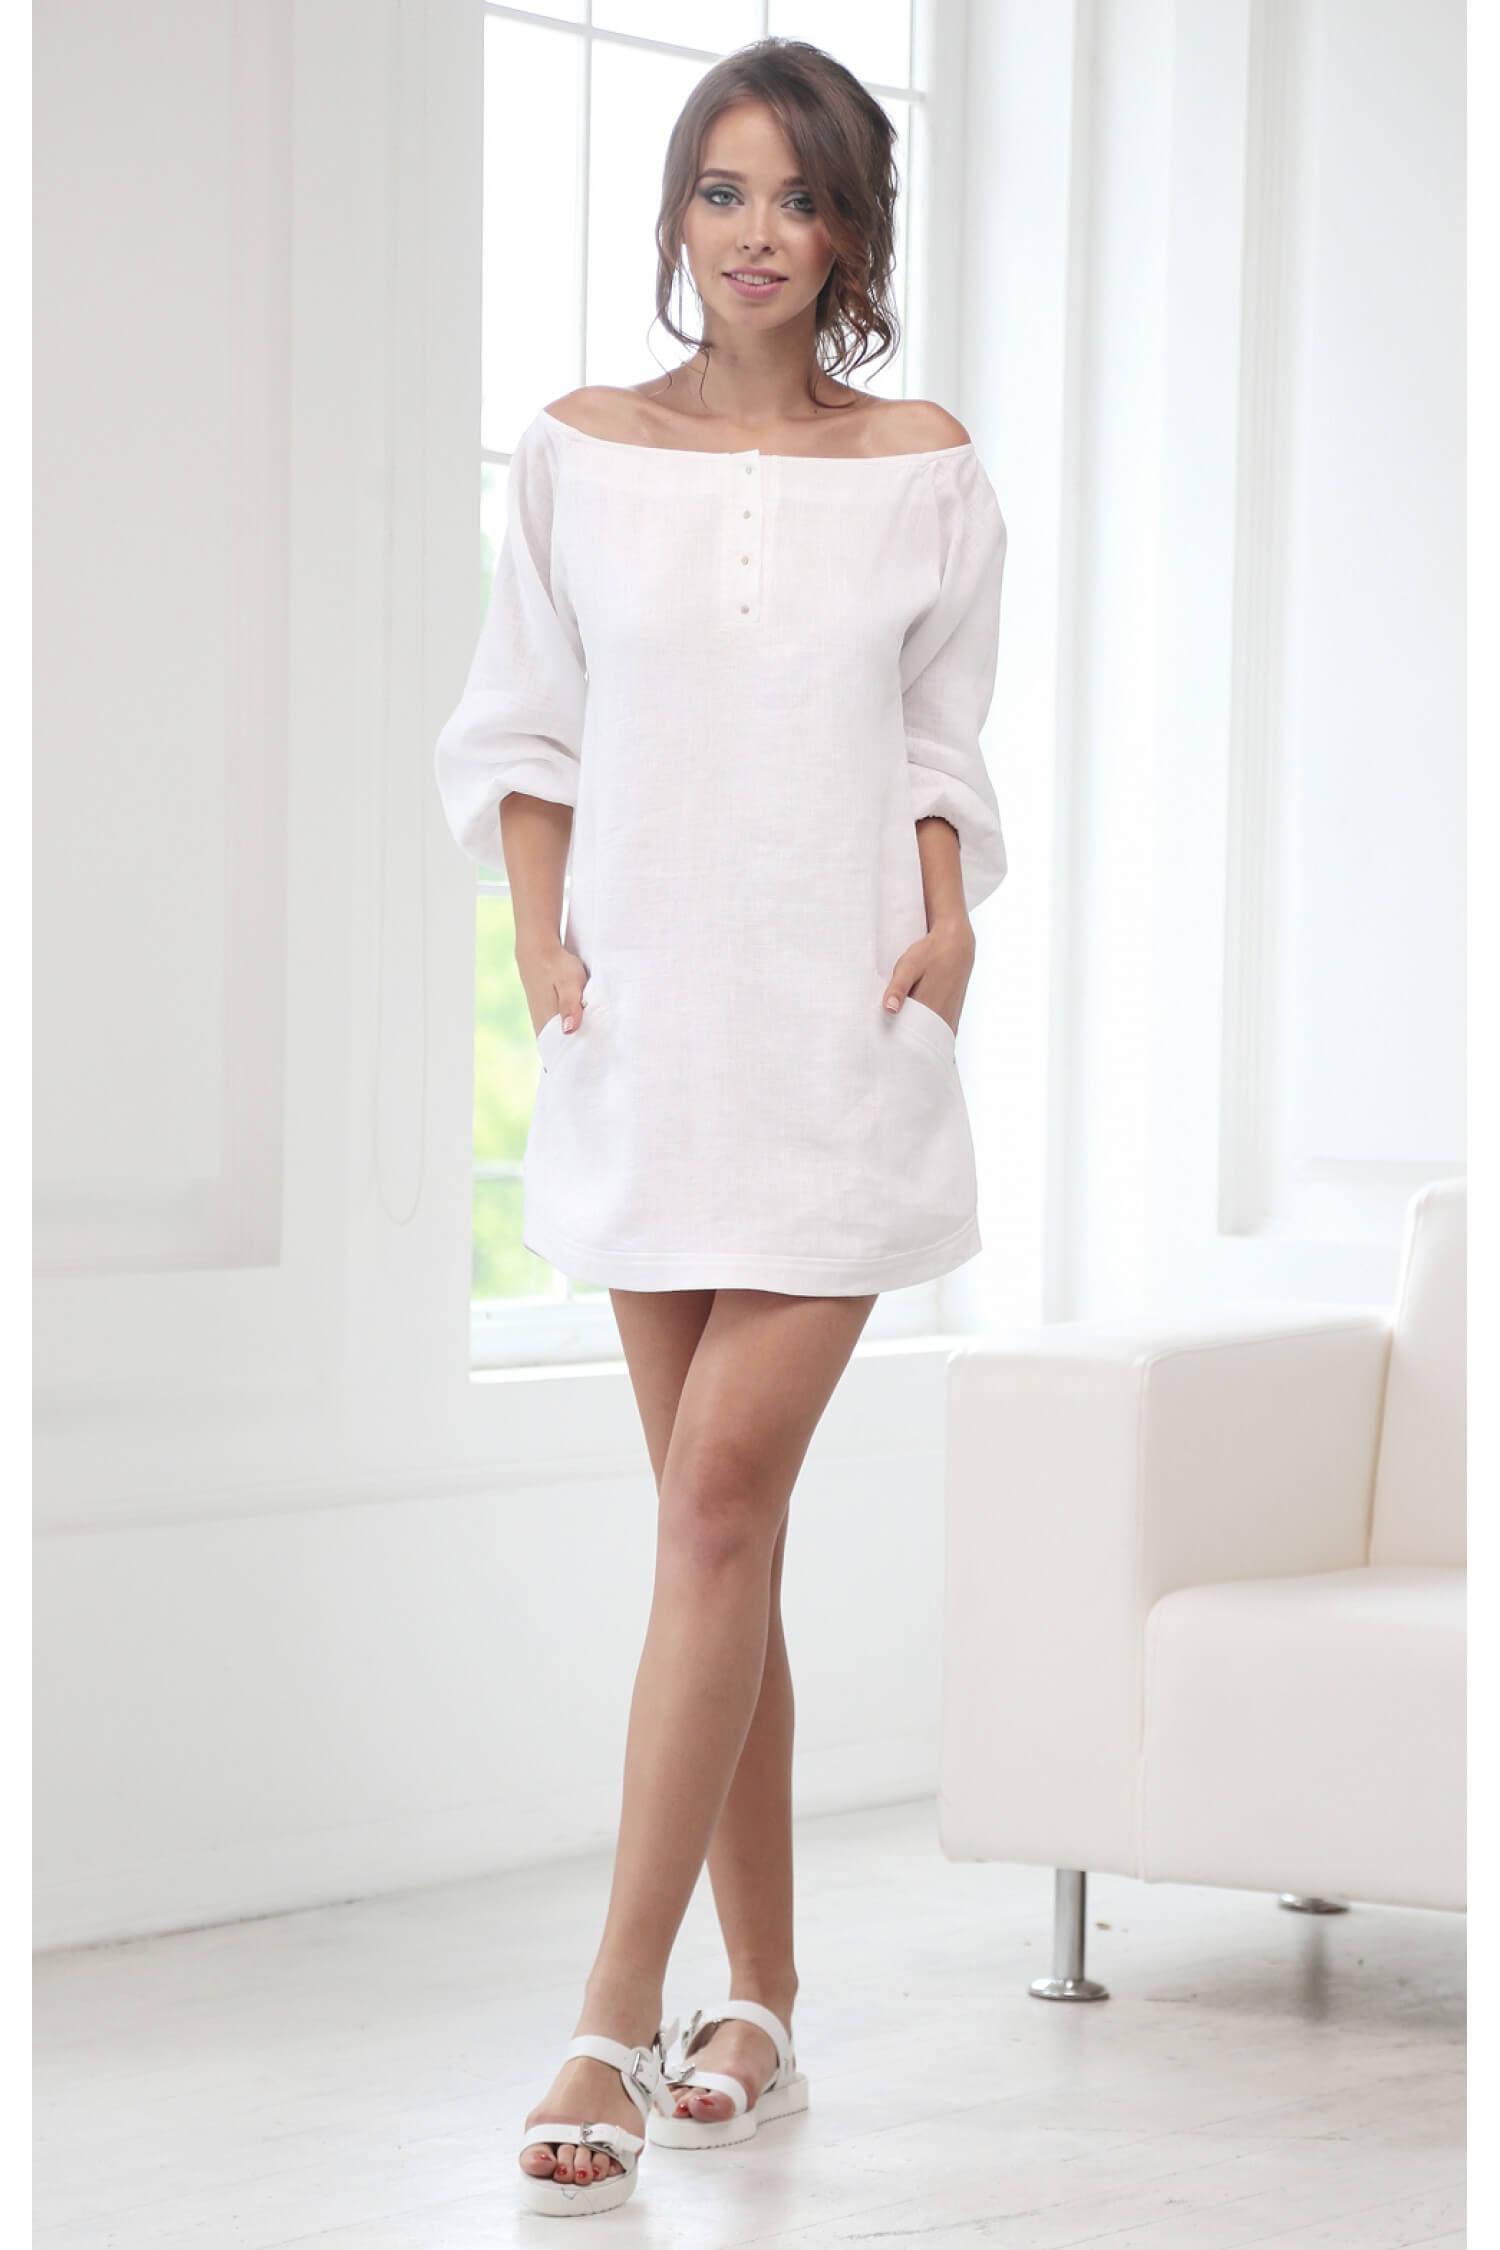 21dc8c6e12e Платье белое льняное L15-PLB купить в Киеве и Украине